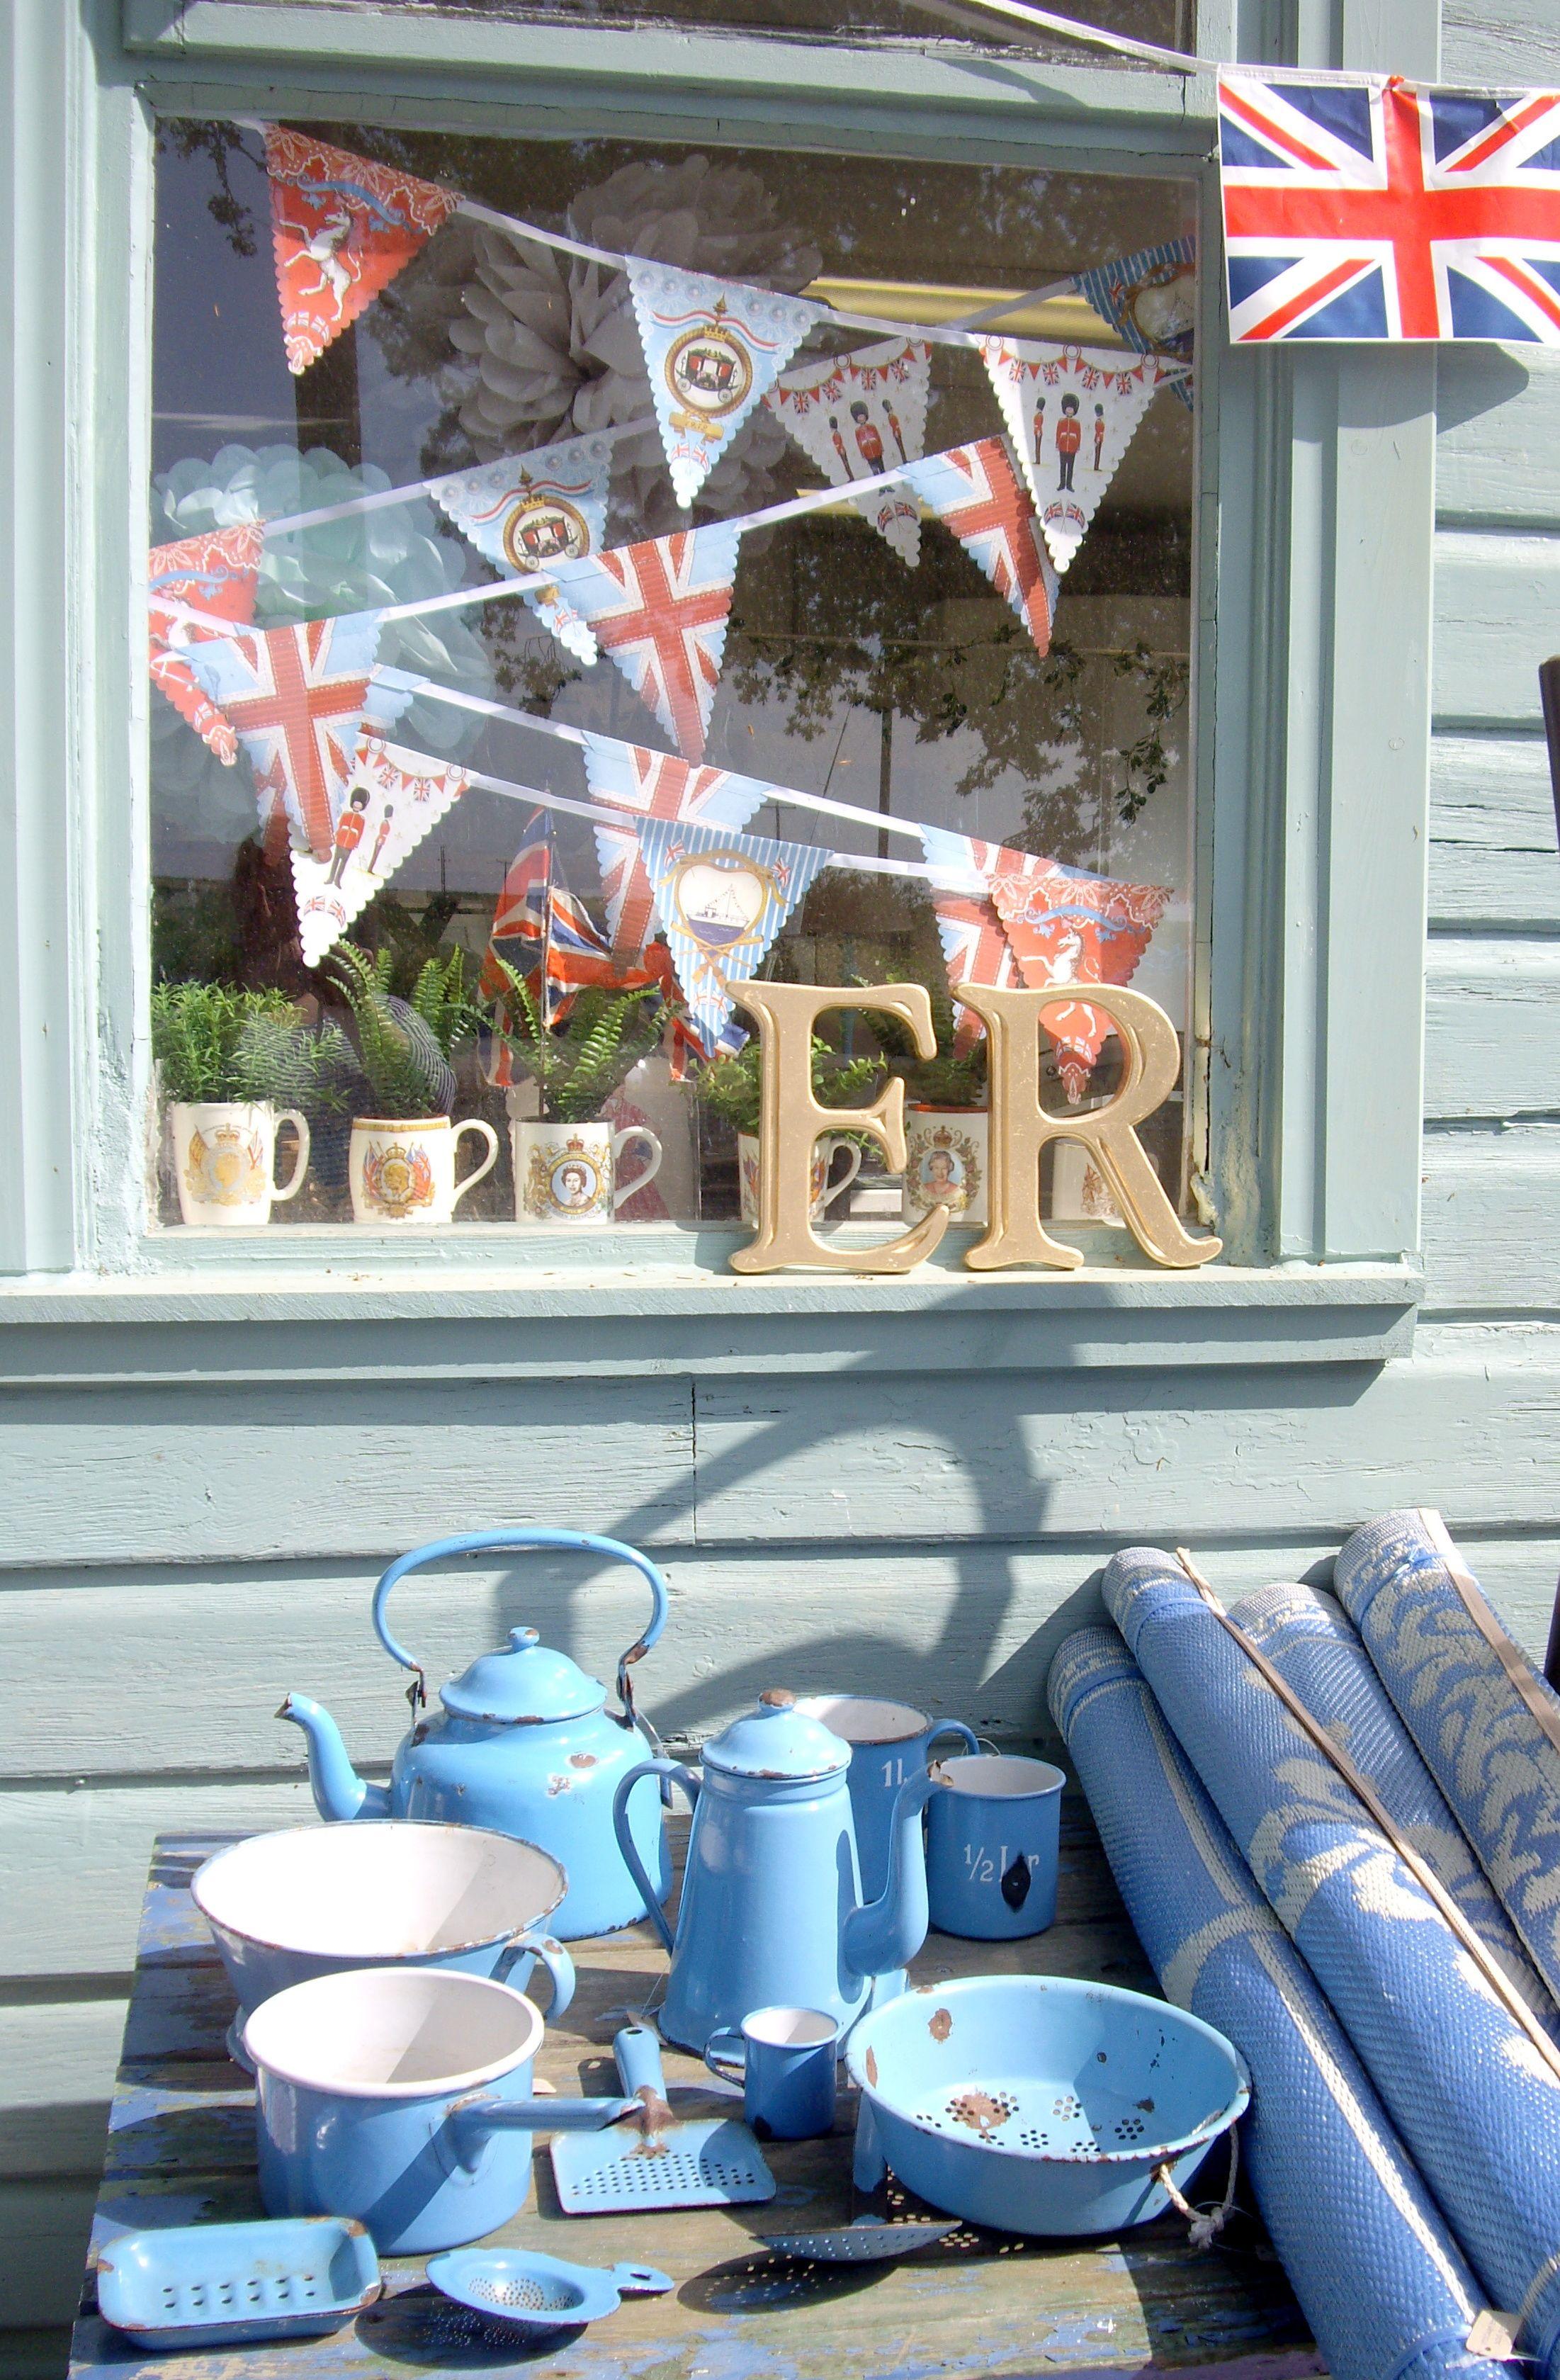 Jubilee shop front